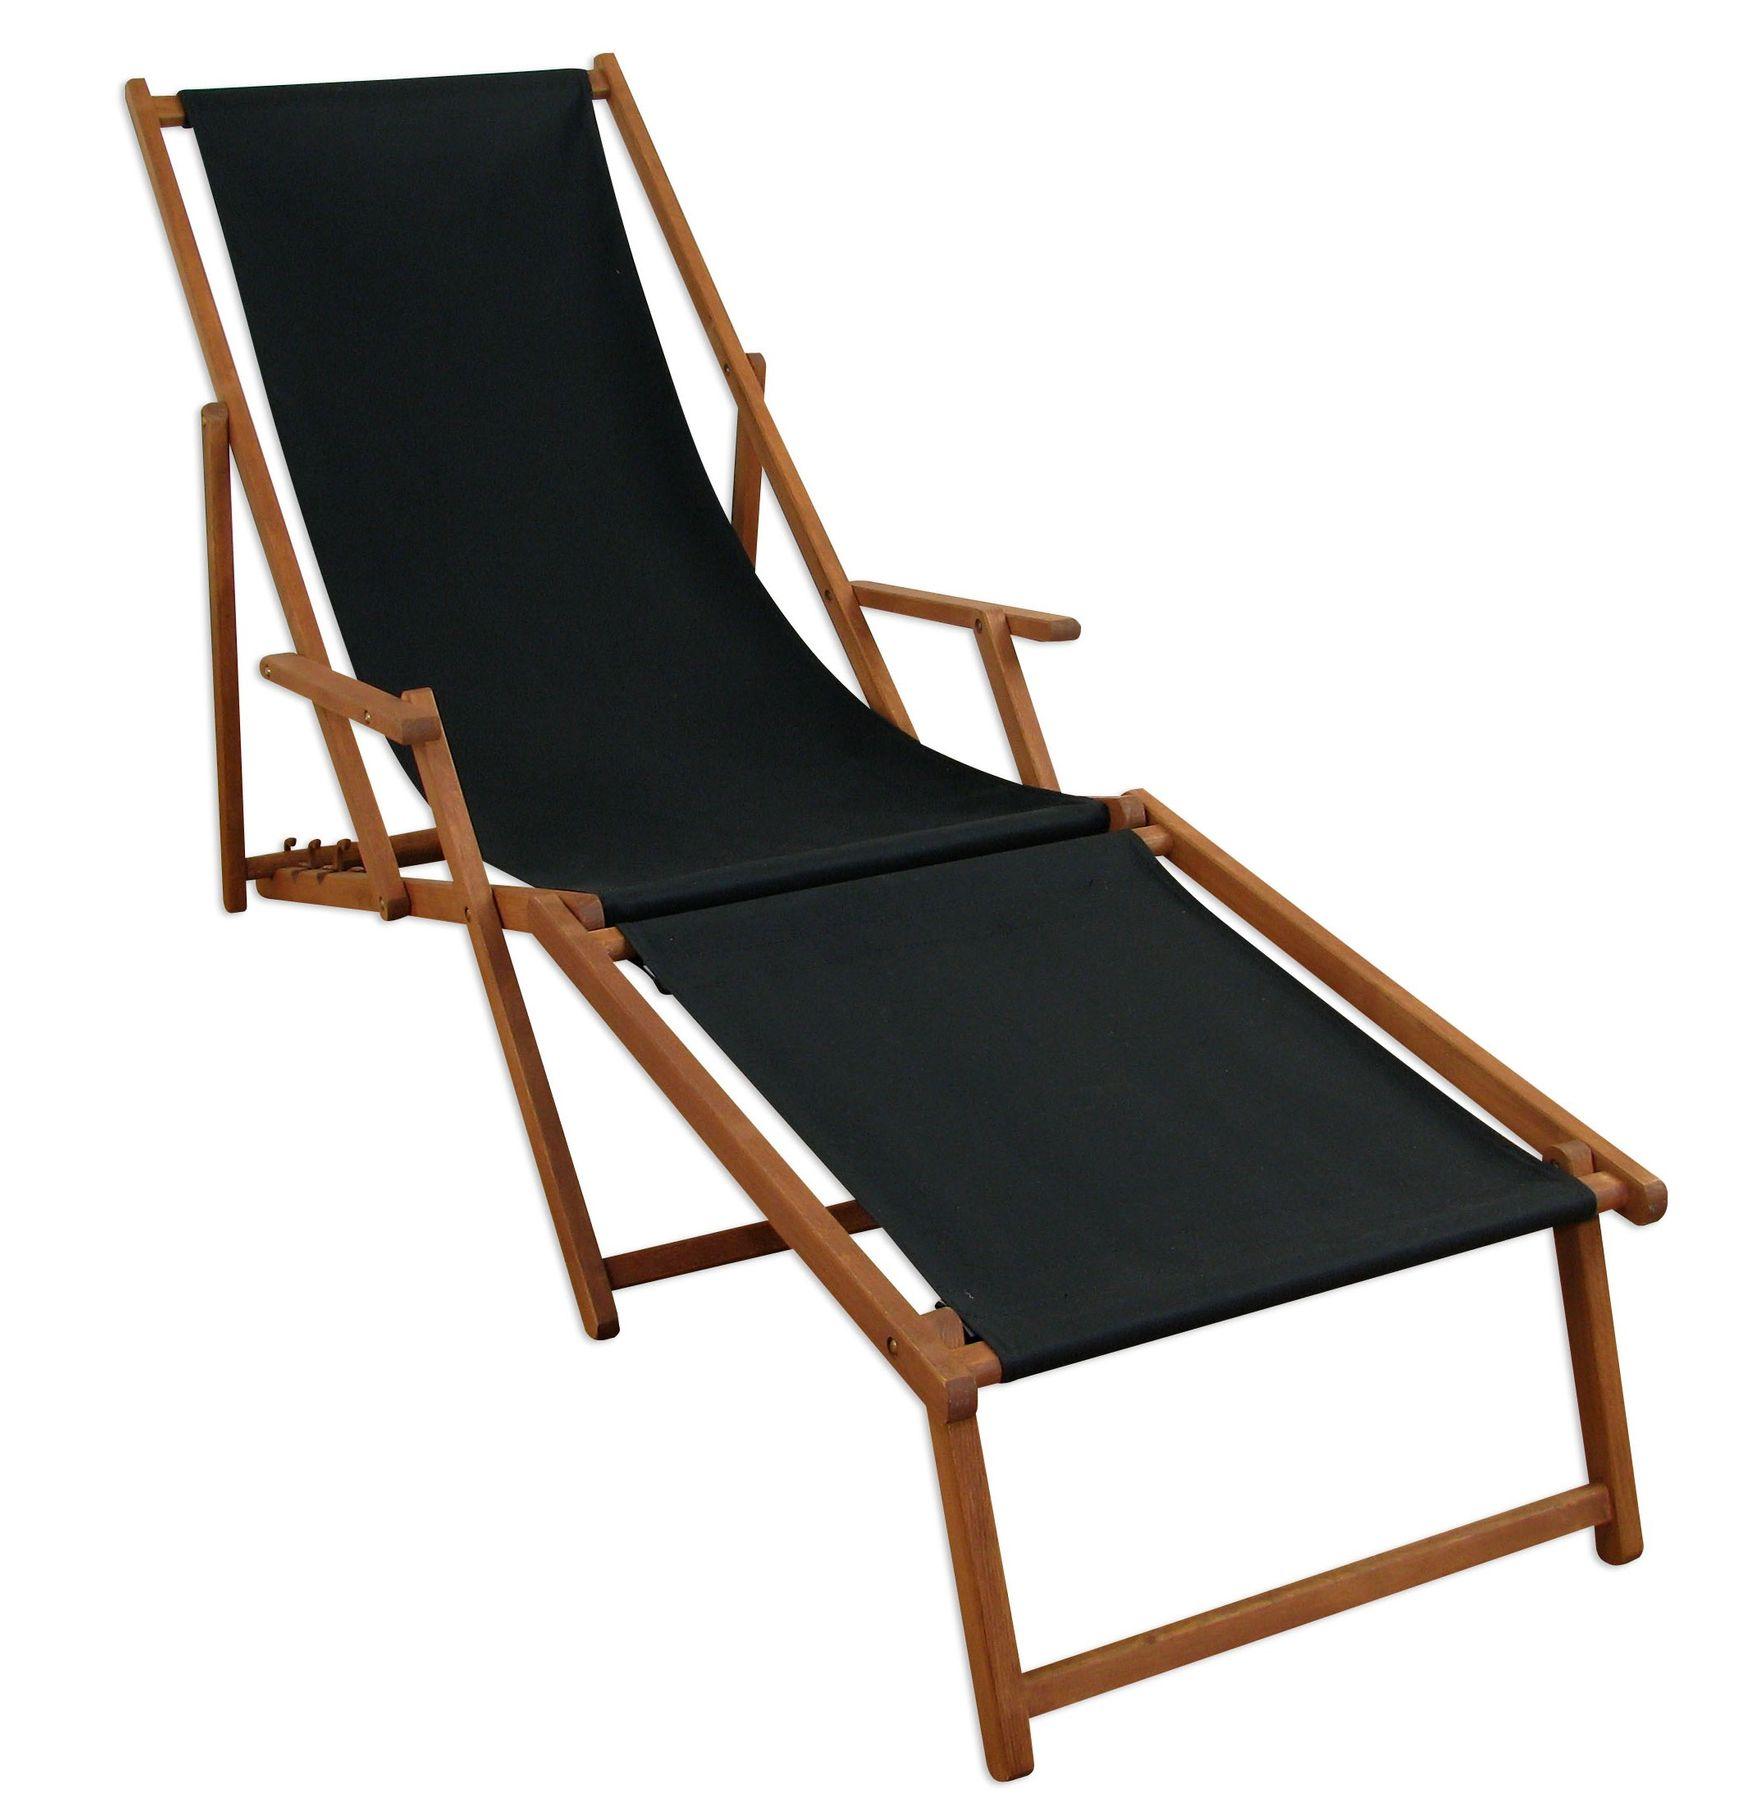 Détails sur Chaise Longue Noir Table Coussin Lit Soleil Transat pour Jardin  10-305 Ftkd